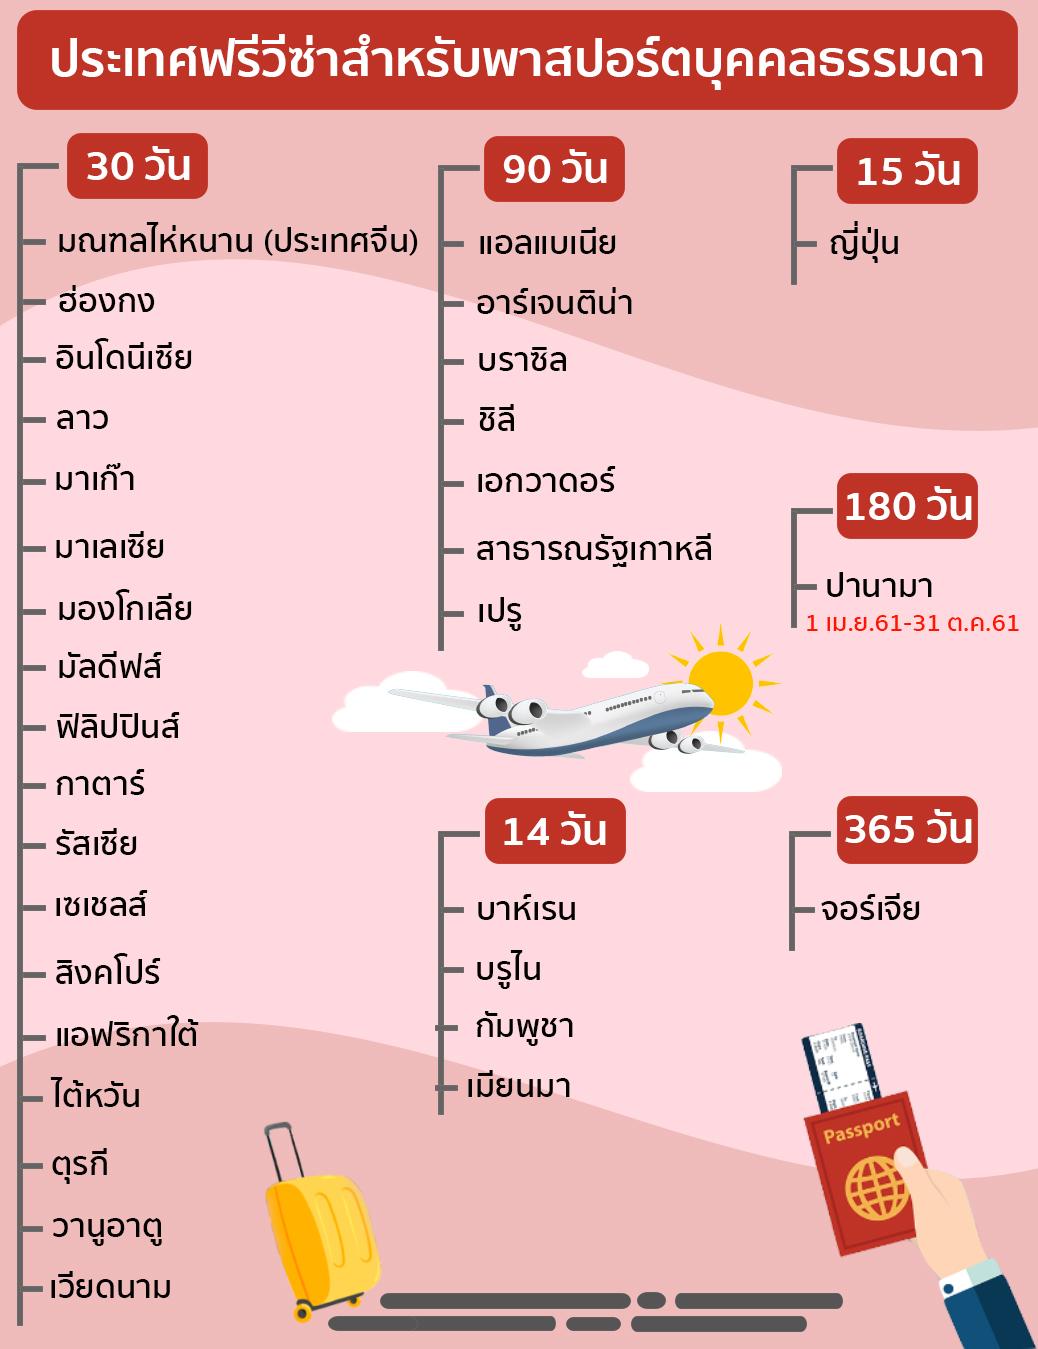 เที่ยวต่างประเทศที่ไหนดี คนไทยผ่านฉลุย